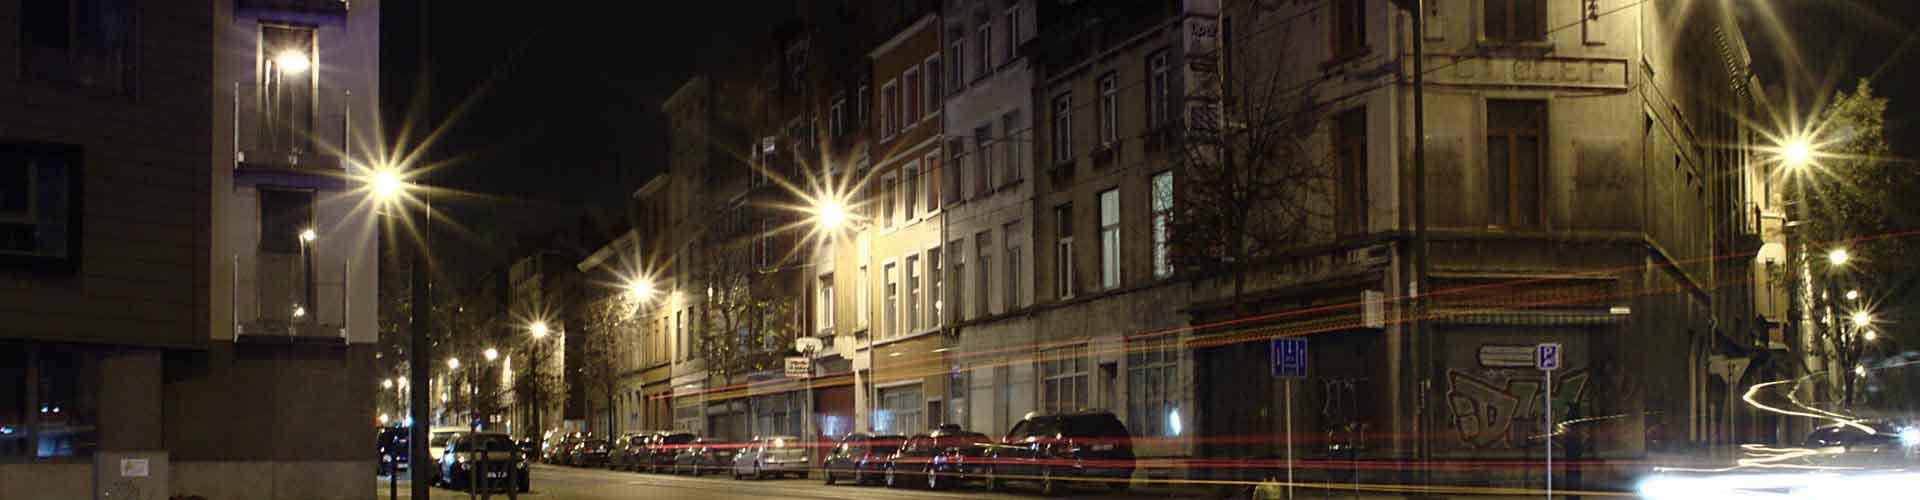 Bruxelas – Quartos no Molenbeek-Saint-Jean bairro. Mapas para Bruxelas, Fotos e Avaliações por cada quarto em Bruxelas.